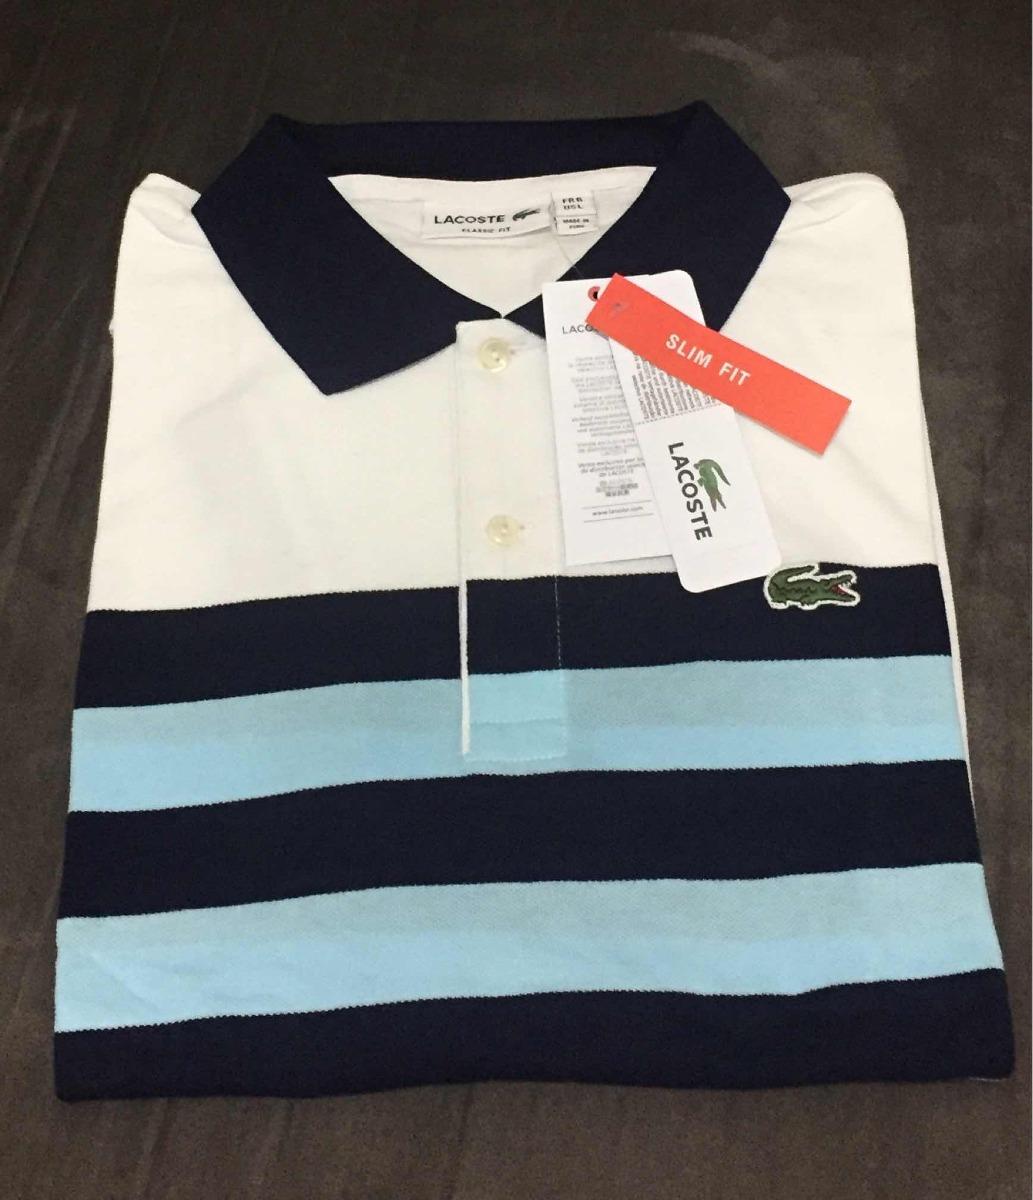 Camisa Gola Polo Lacoste 4a3e55838f6